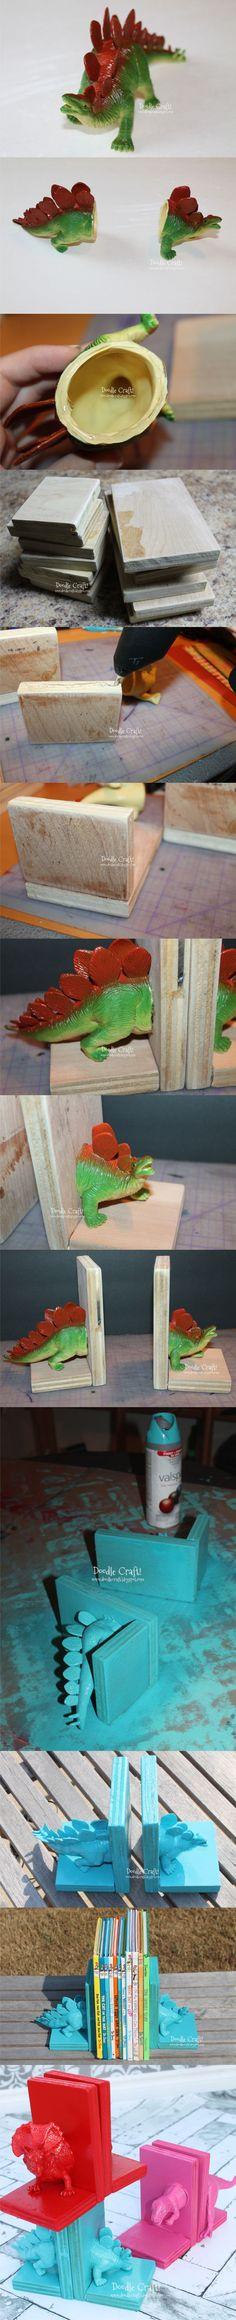 Ingenioso sujeta libros con dinosaurios / Via instructables y doodlecraft